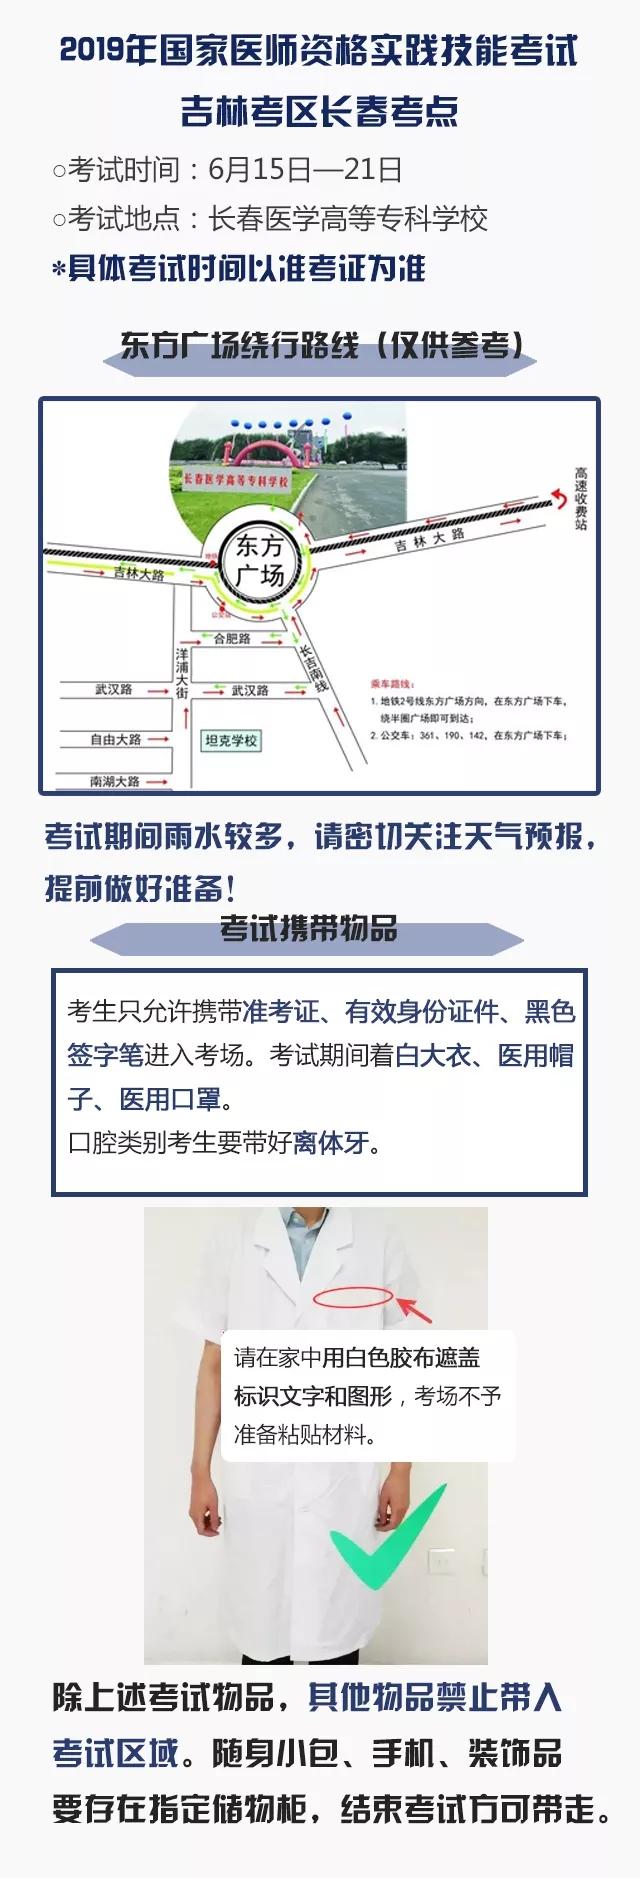 2019年長春醫師資格實踐技能考試溫馨提醒